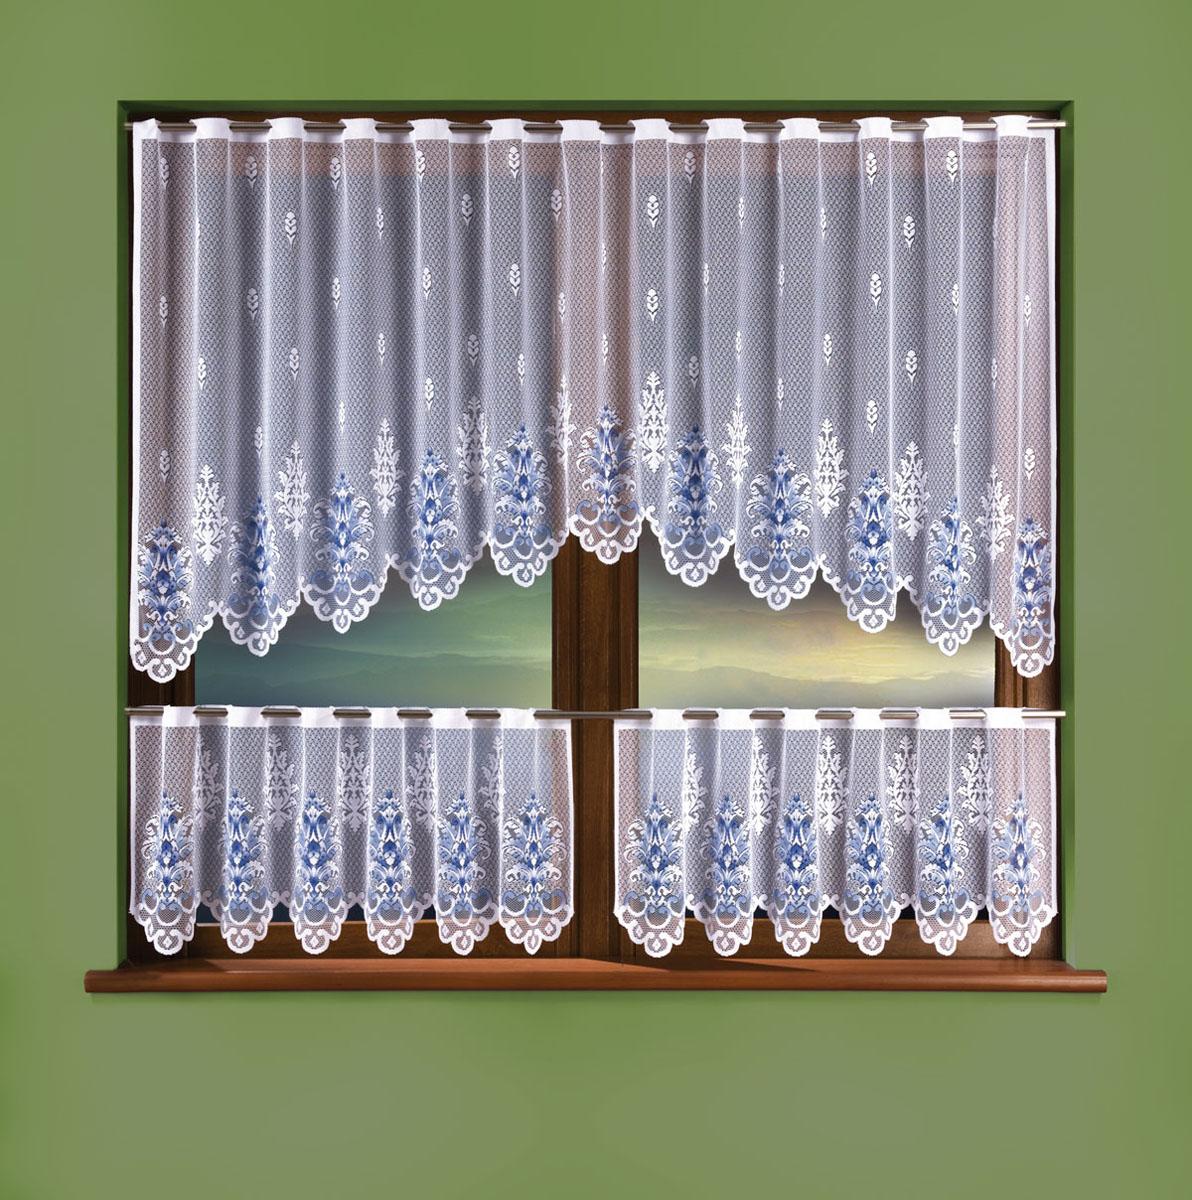 Комплект штор Wisan, цвет: белый, высота 50 см3254Комплект штор для кухни, крепление зажимы для штор.Размеры: 240*90+ (130*50)*2